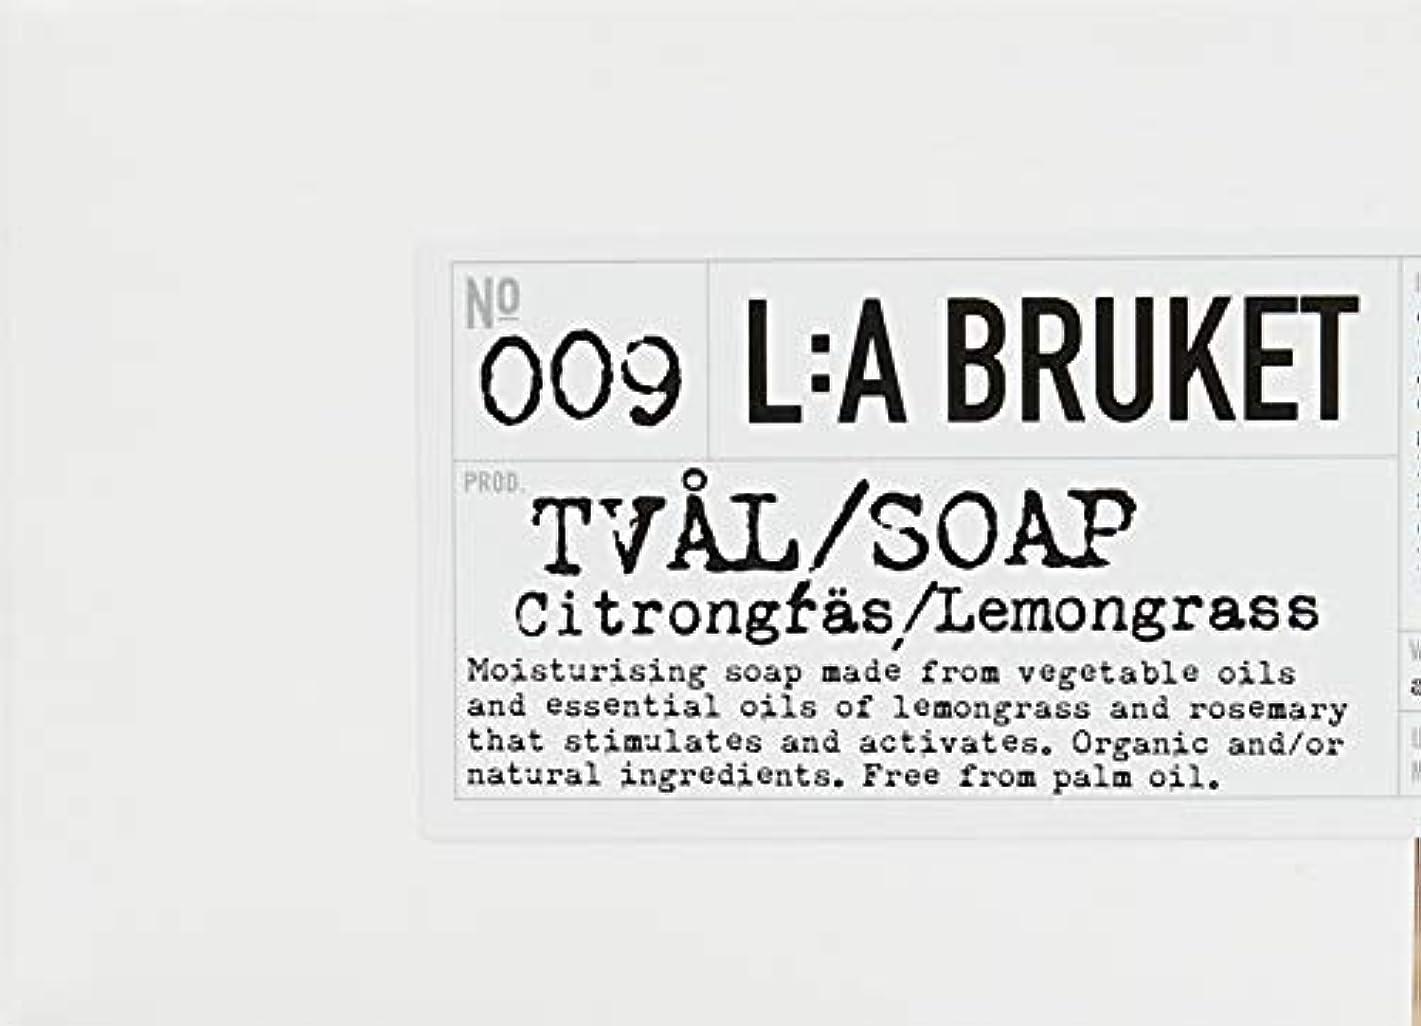 怒る集団的カウントアップL:a Bruket (ラ ブルケット) ロープソープ (レモングラス) 240g